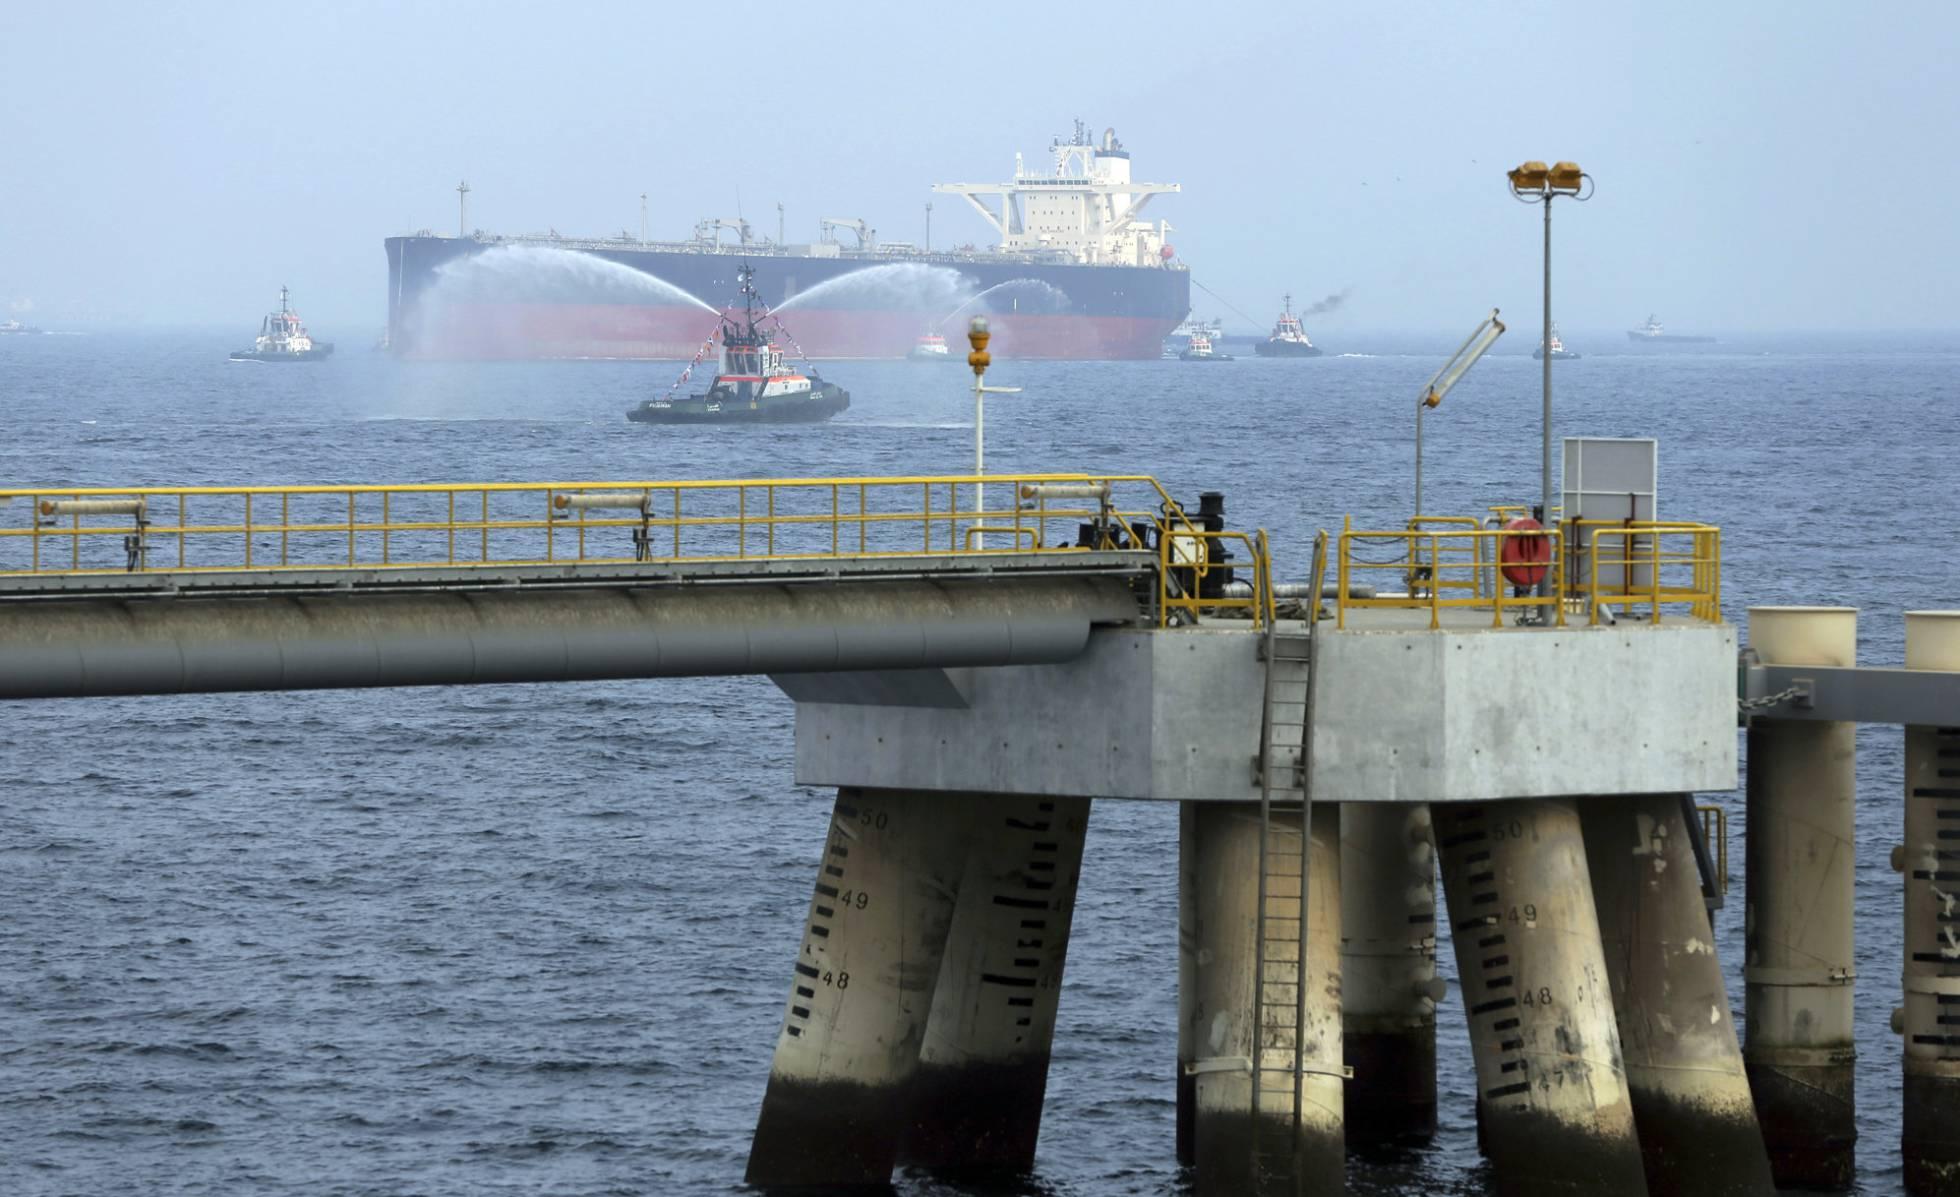 Resultado de imagen para El sabotaje de cuatro buques sube la tensión en el Golfo Pérsico